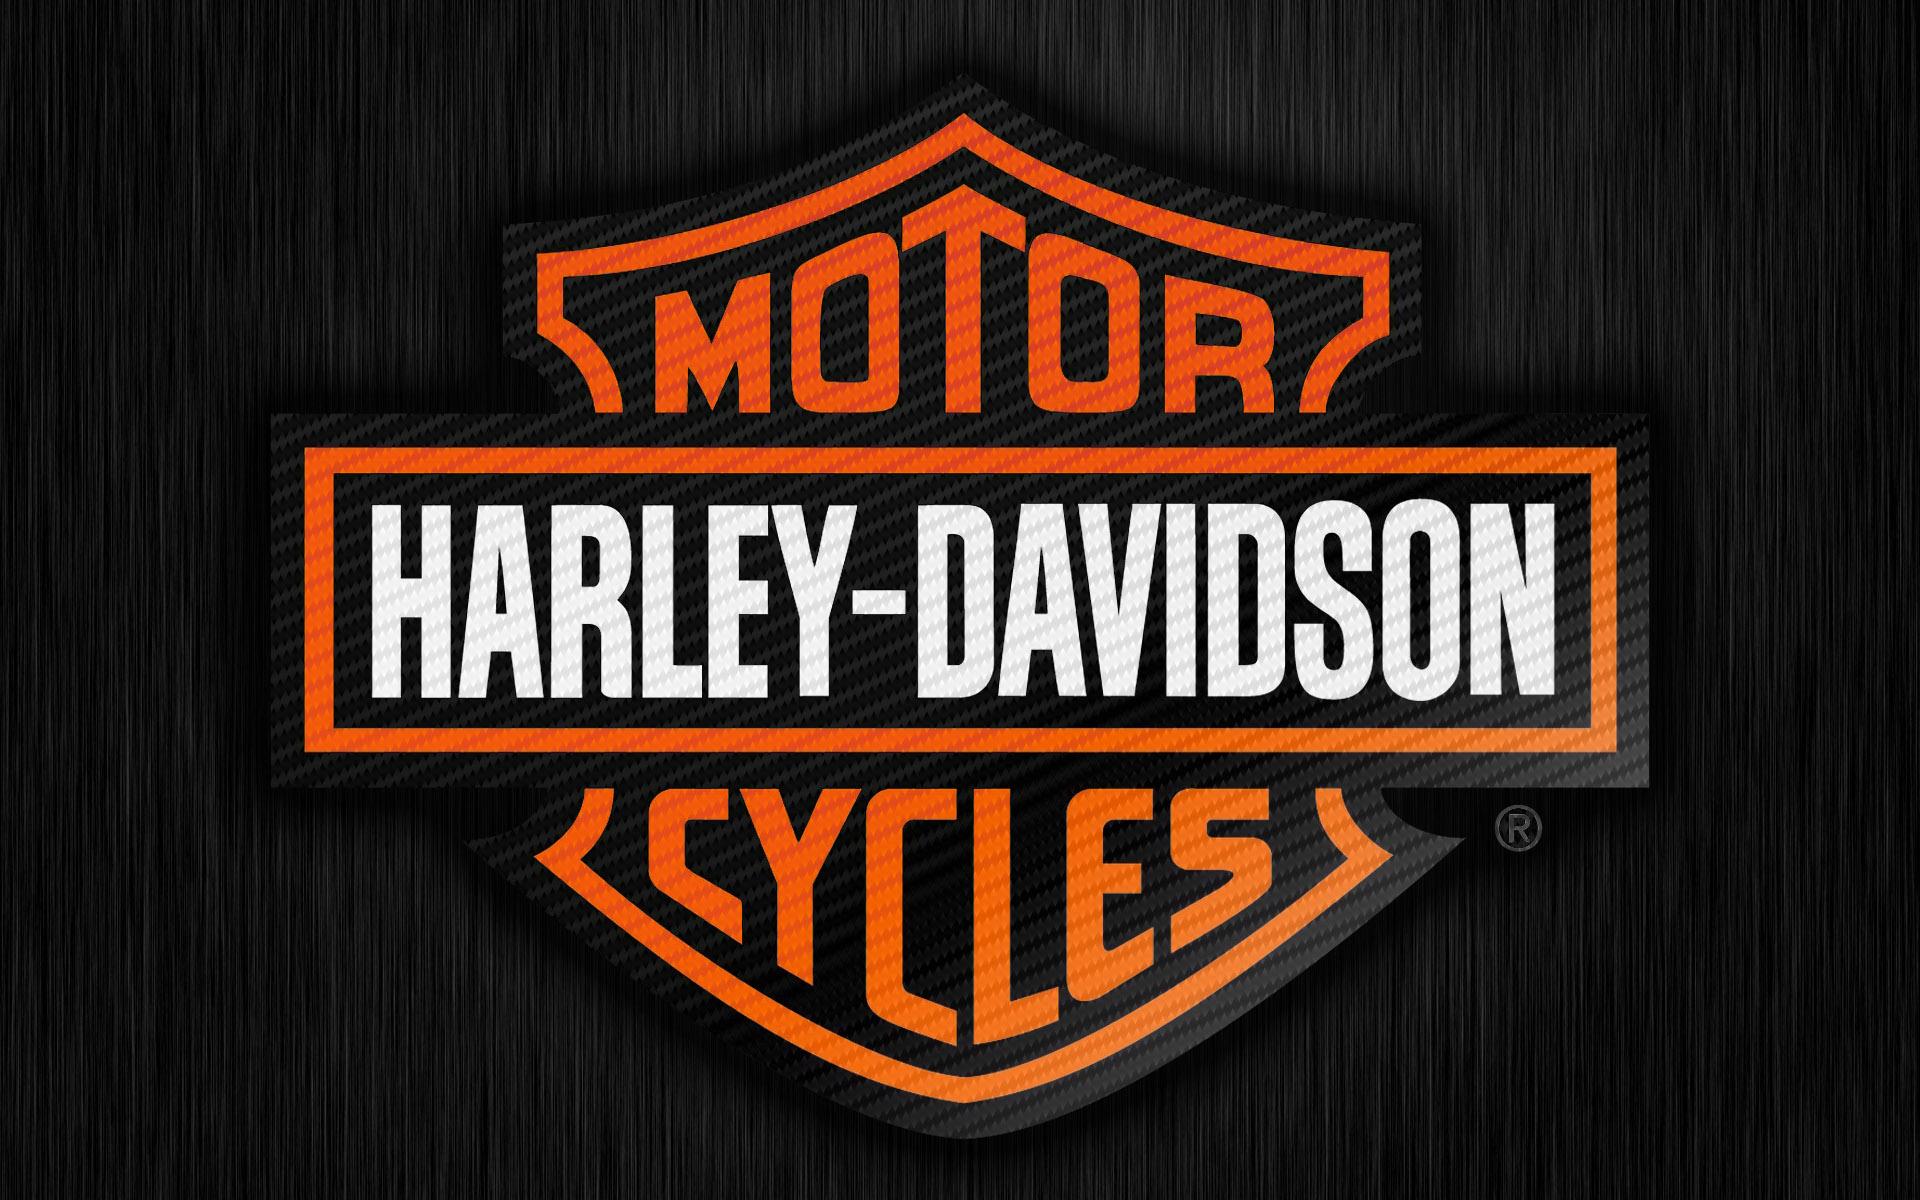 Harley Davidson Logo Vector Png Hdpng.com 1920 - Harley Davidson Vector, Transparent background PNG HD thumbnail